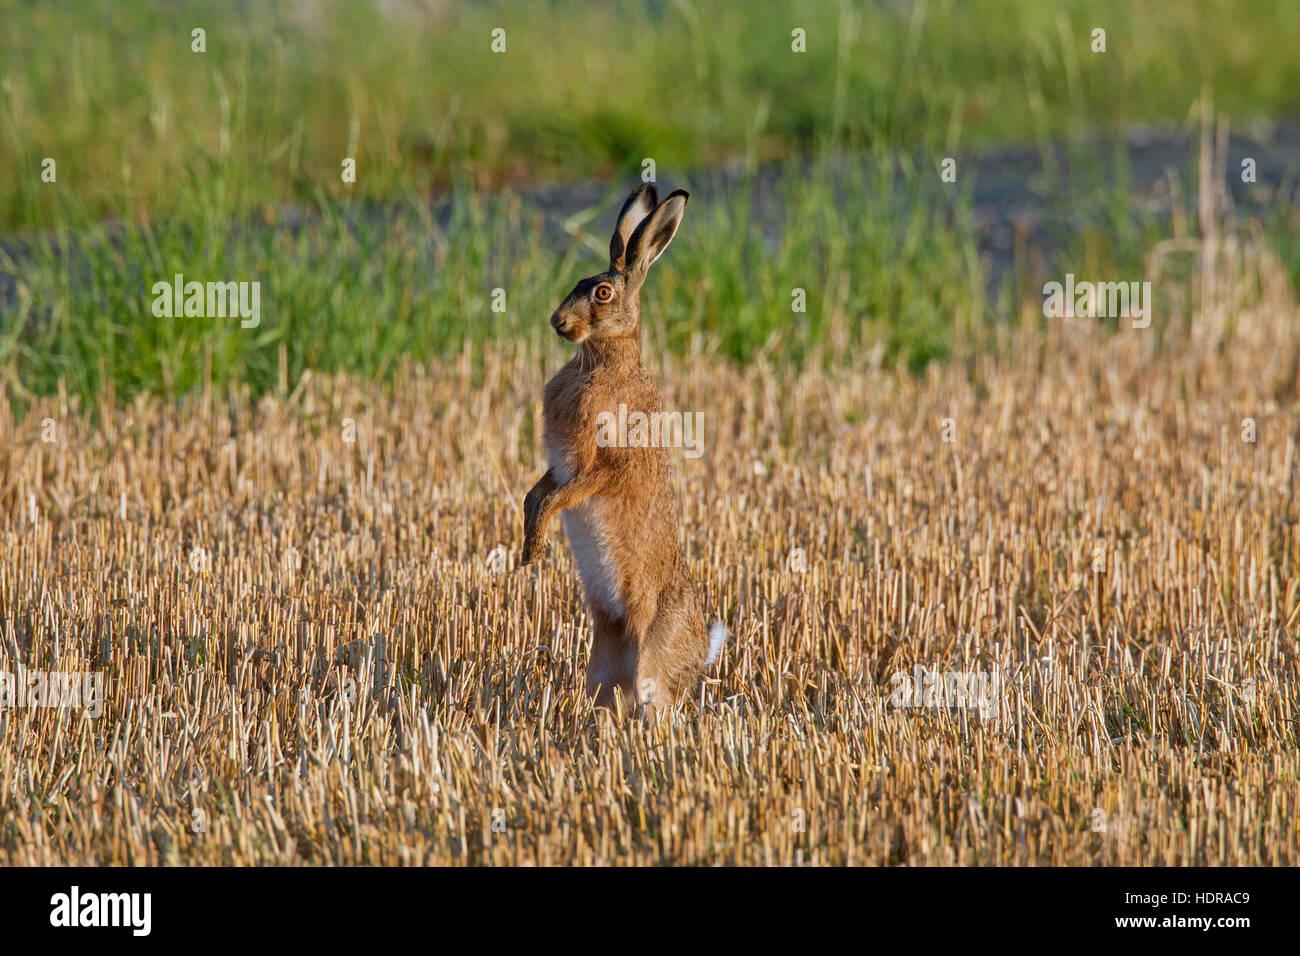 Pardo Europeo alerta de la liebre (Lepus europaeus) en posición vertical en la señora Stubblefield Imagen De Stock